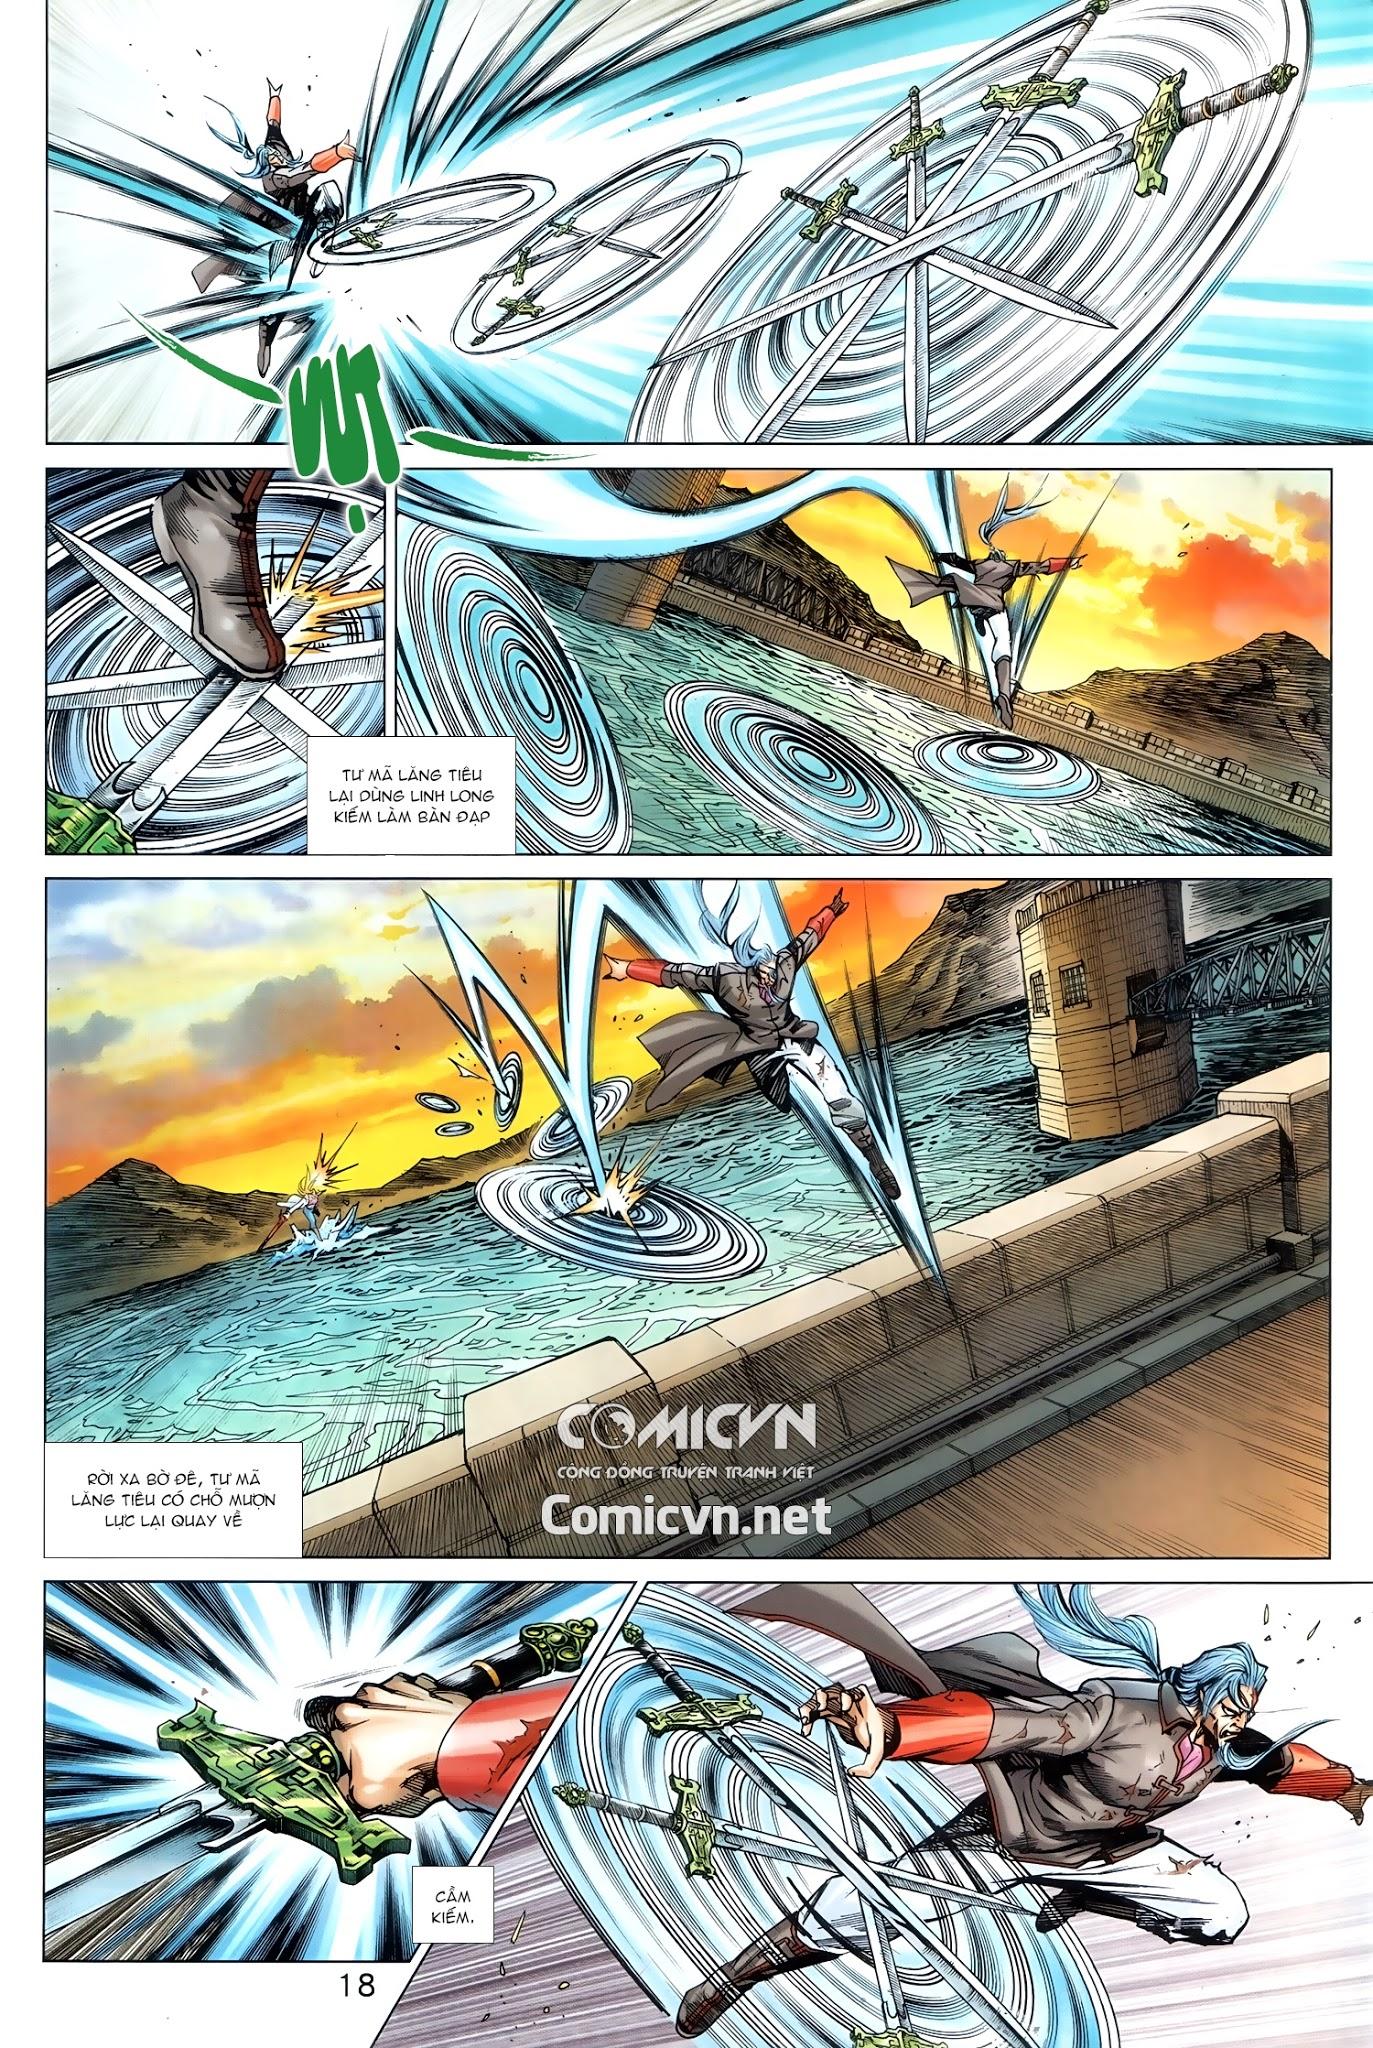 Tân Tác Long Hổ Môn chap 910.2 - Trang 7